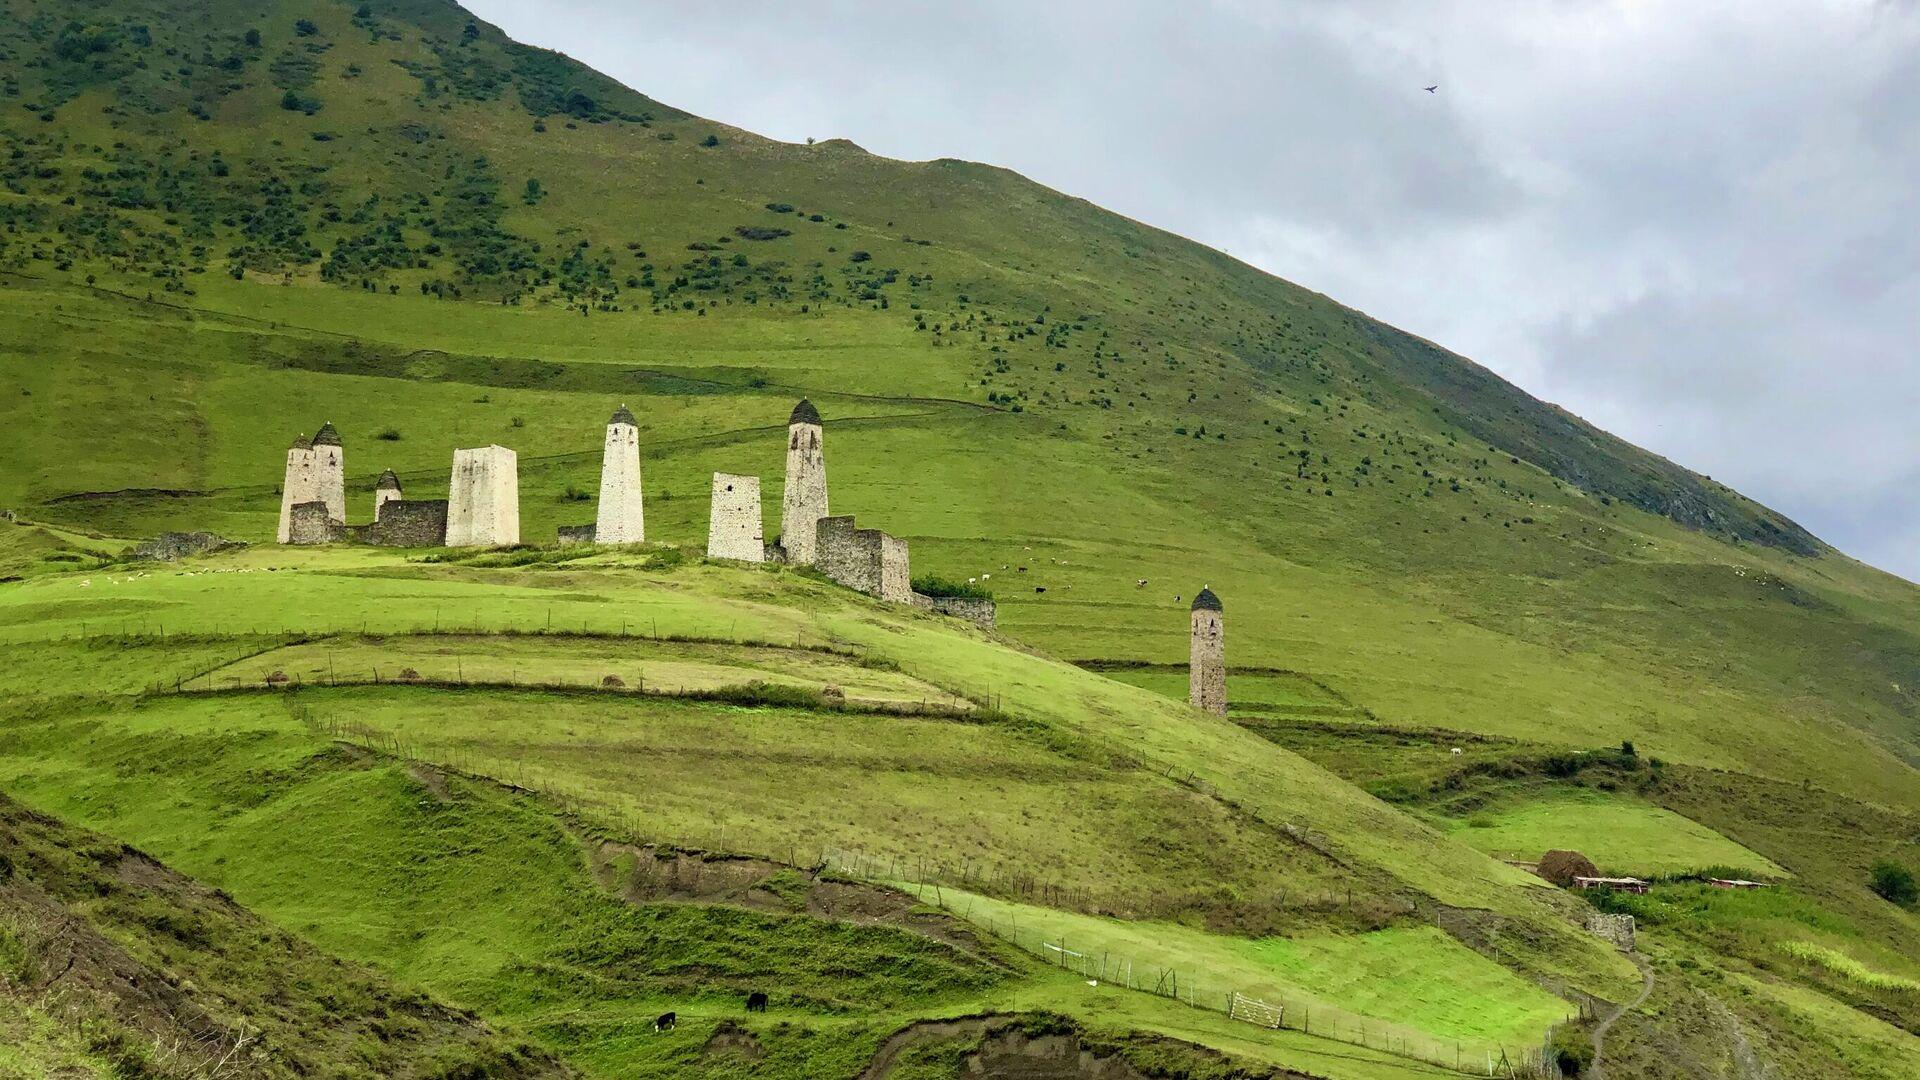 Эрзи - один из крупнейших средневековых башенных комплексов горной Ингушетии - РИА Новости, 1920, 28.09.2020